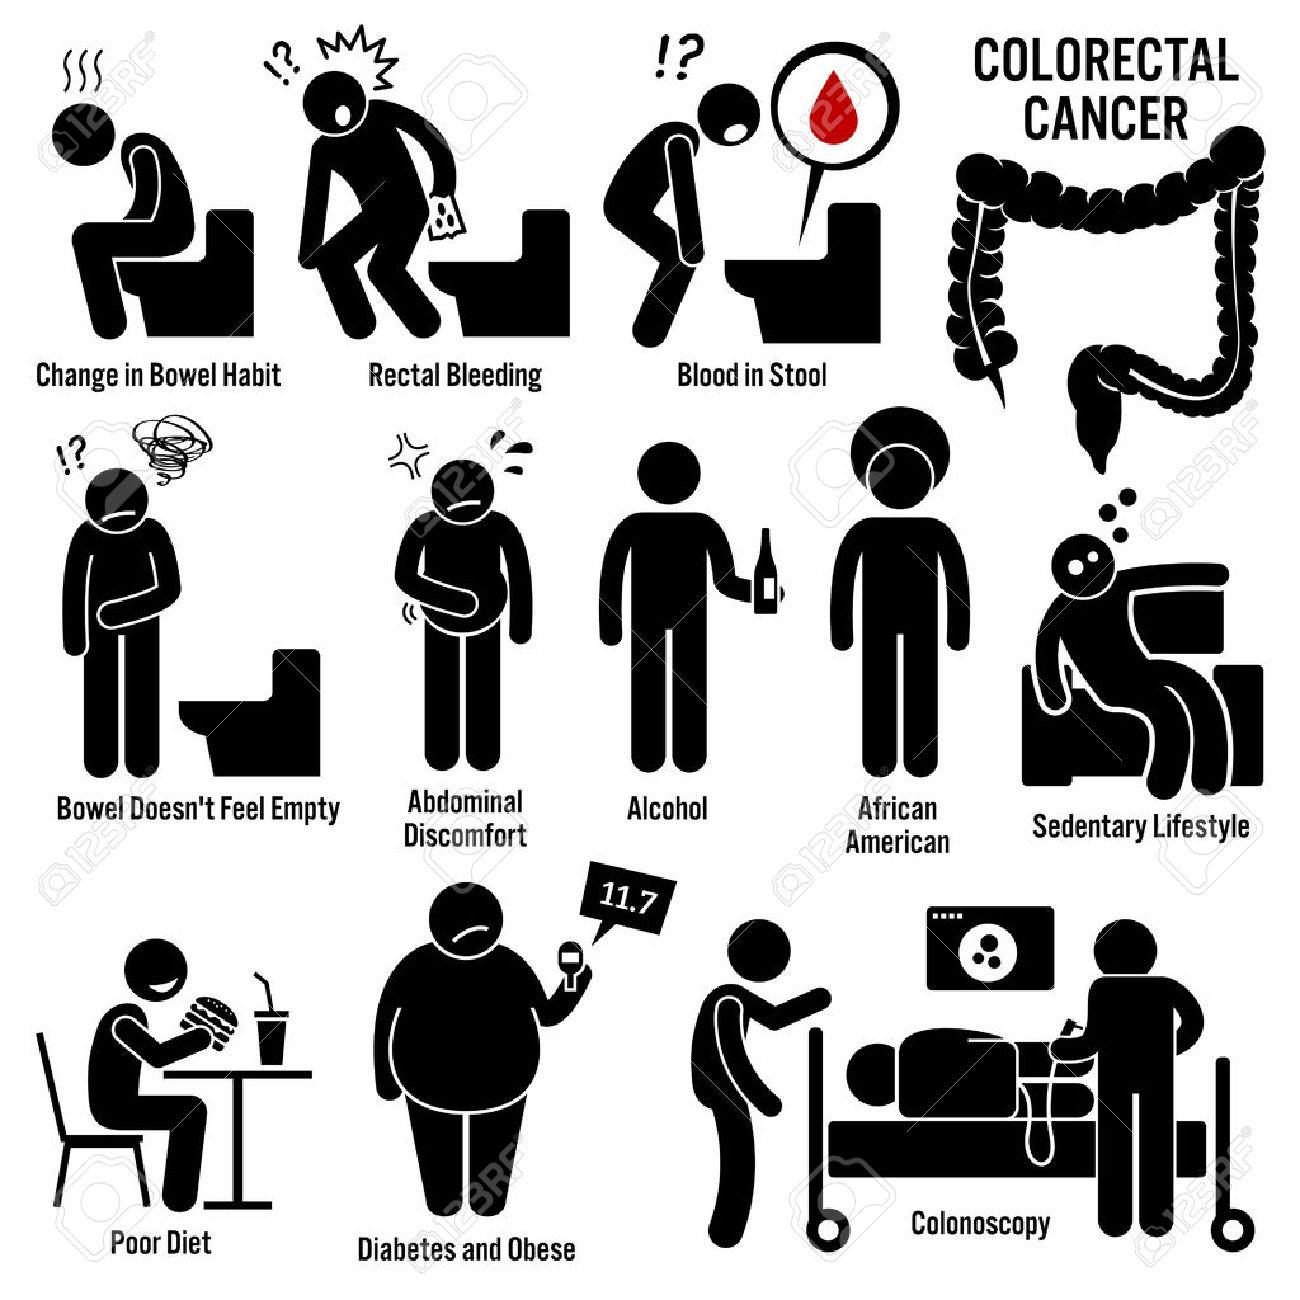 causas cancer colorectal